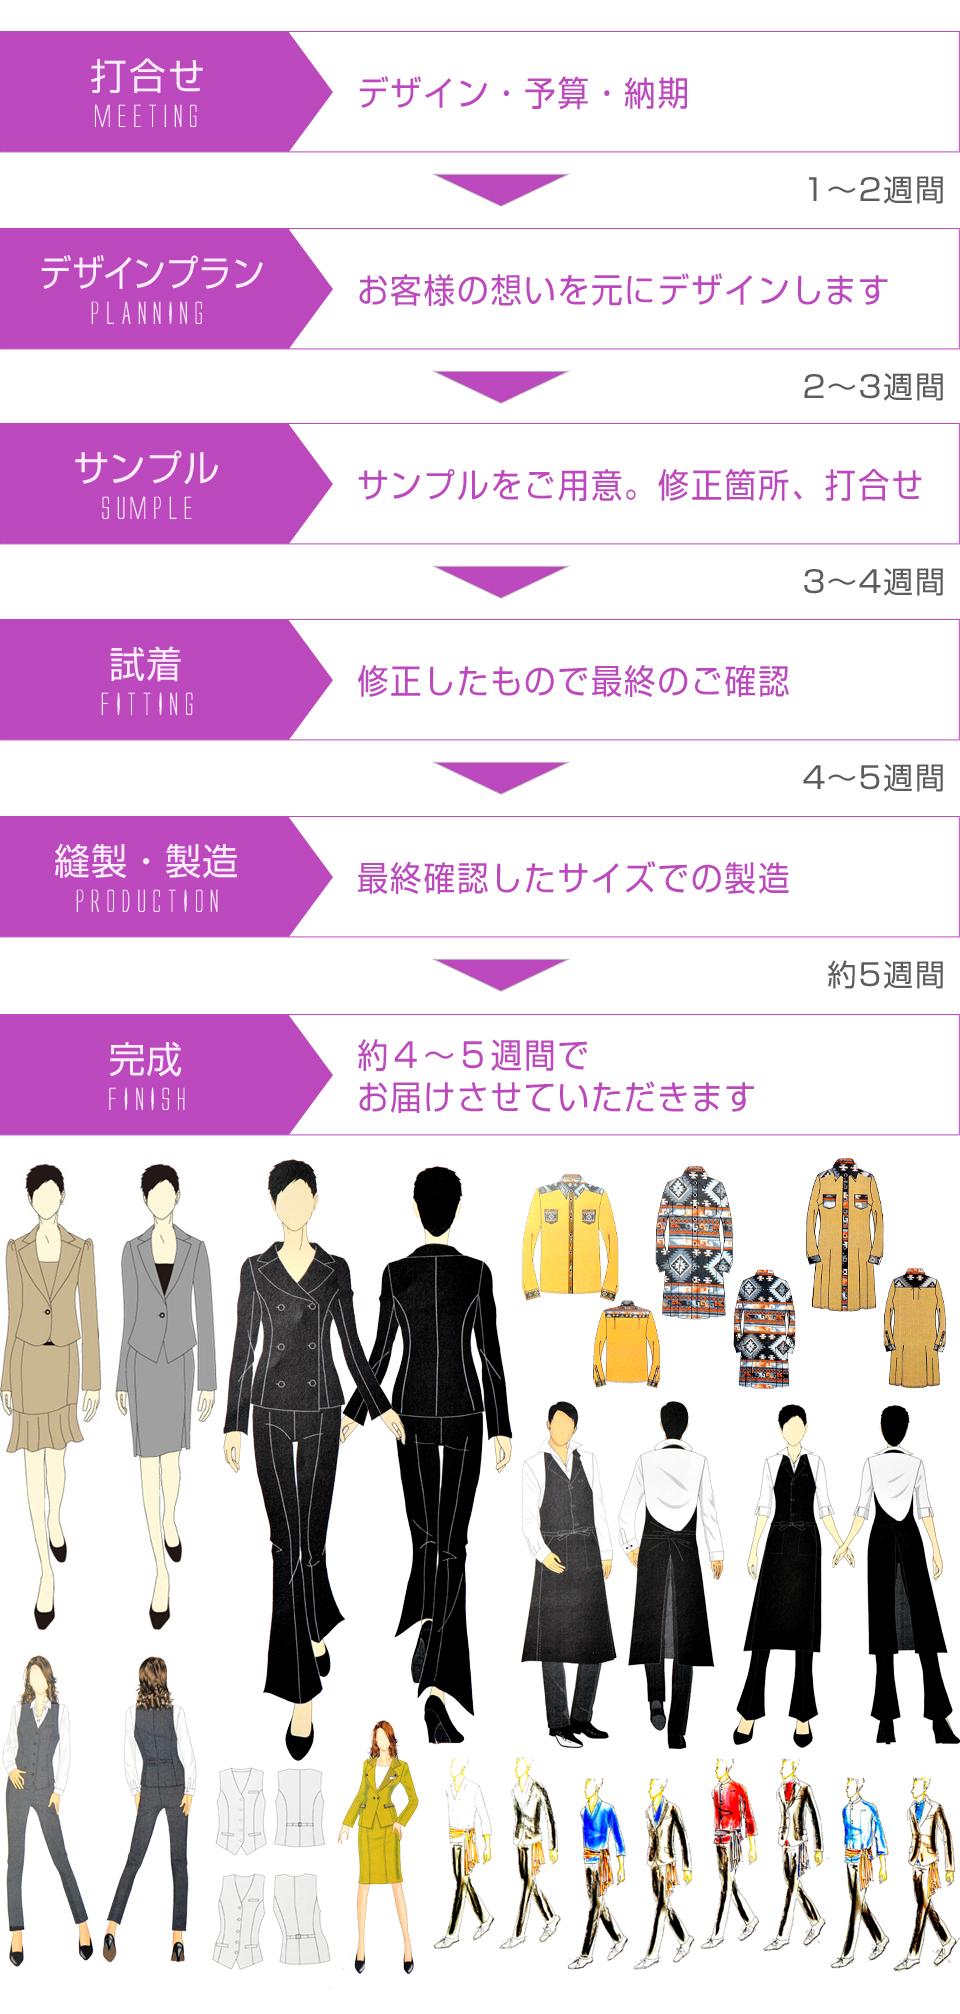 打ち合わせ→デザインプラン→サんプル→試着→縫製・製造→完成 オリジナル制服を5週間で納品いたします。